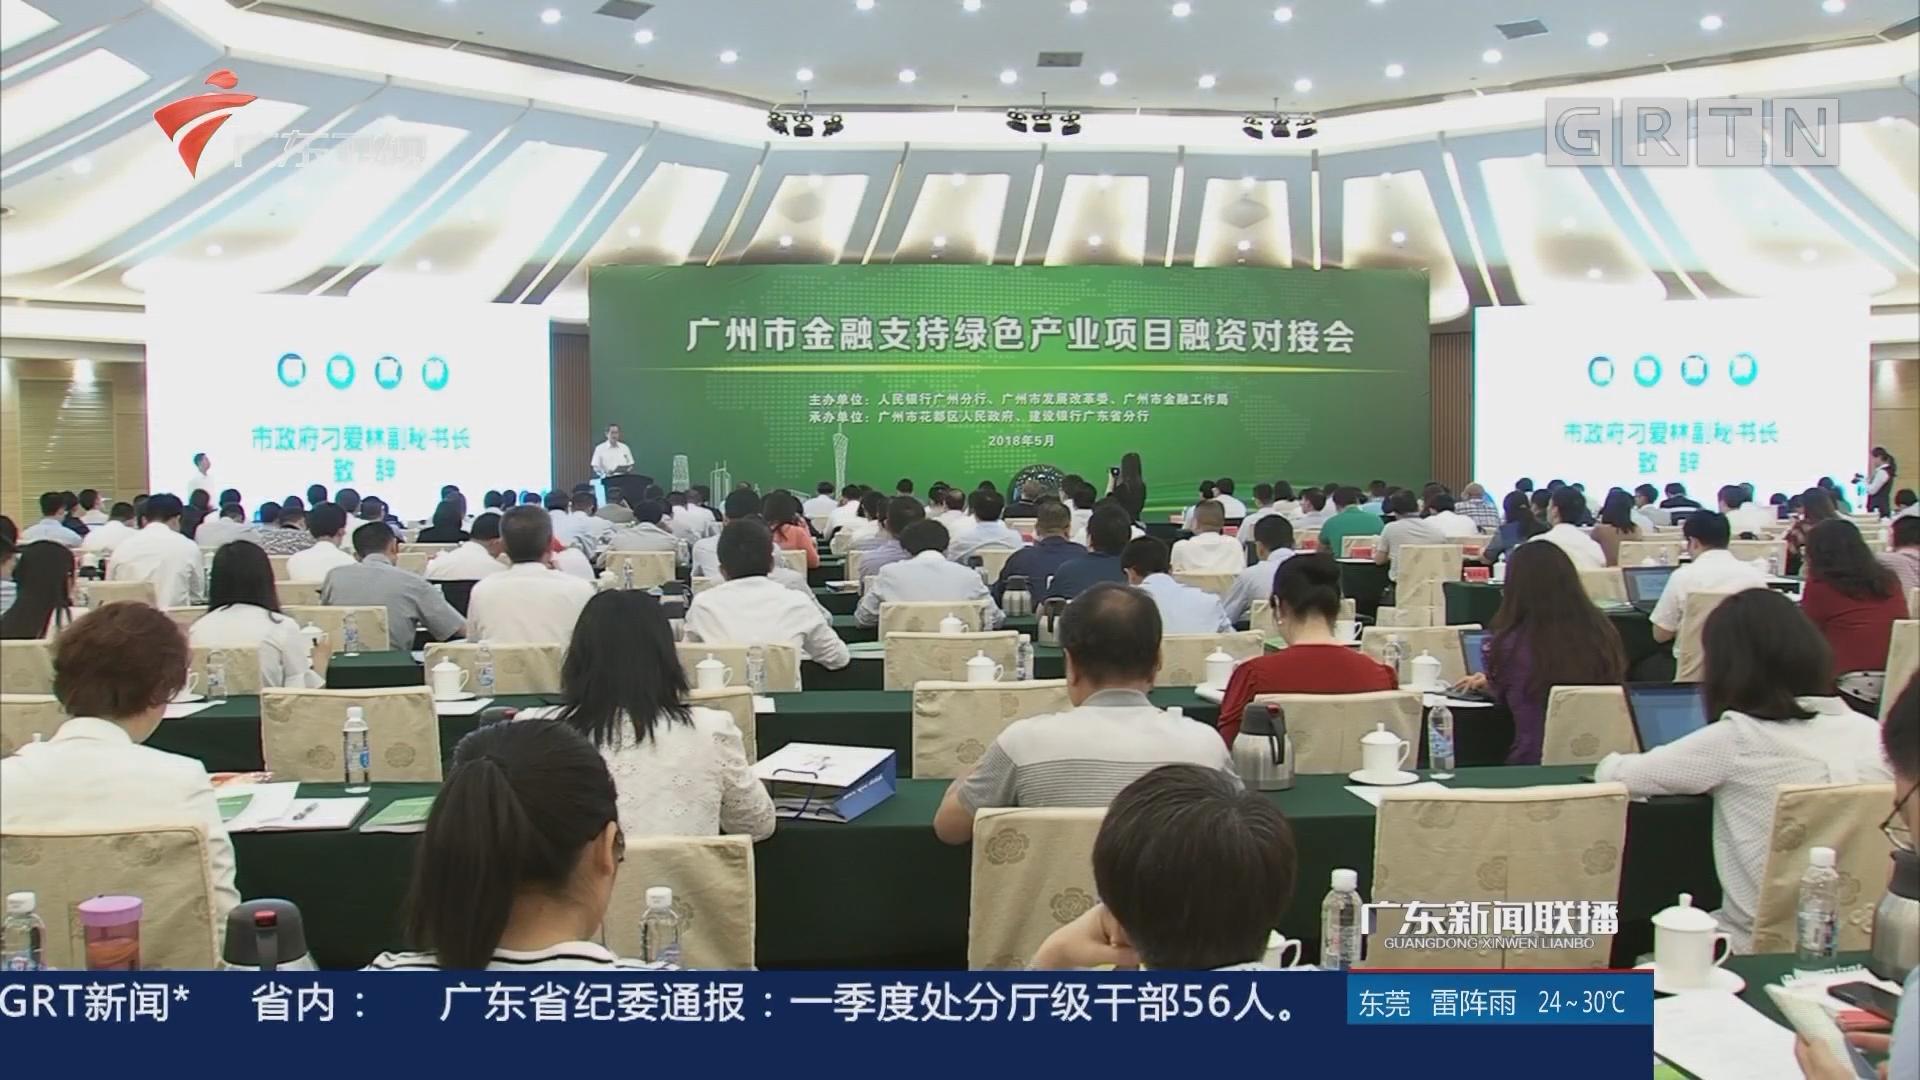 广东:新兴金融业态快速发展 金融业竞争力明显提升